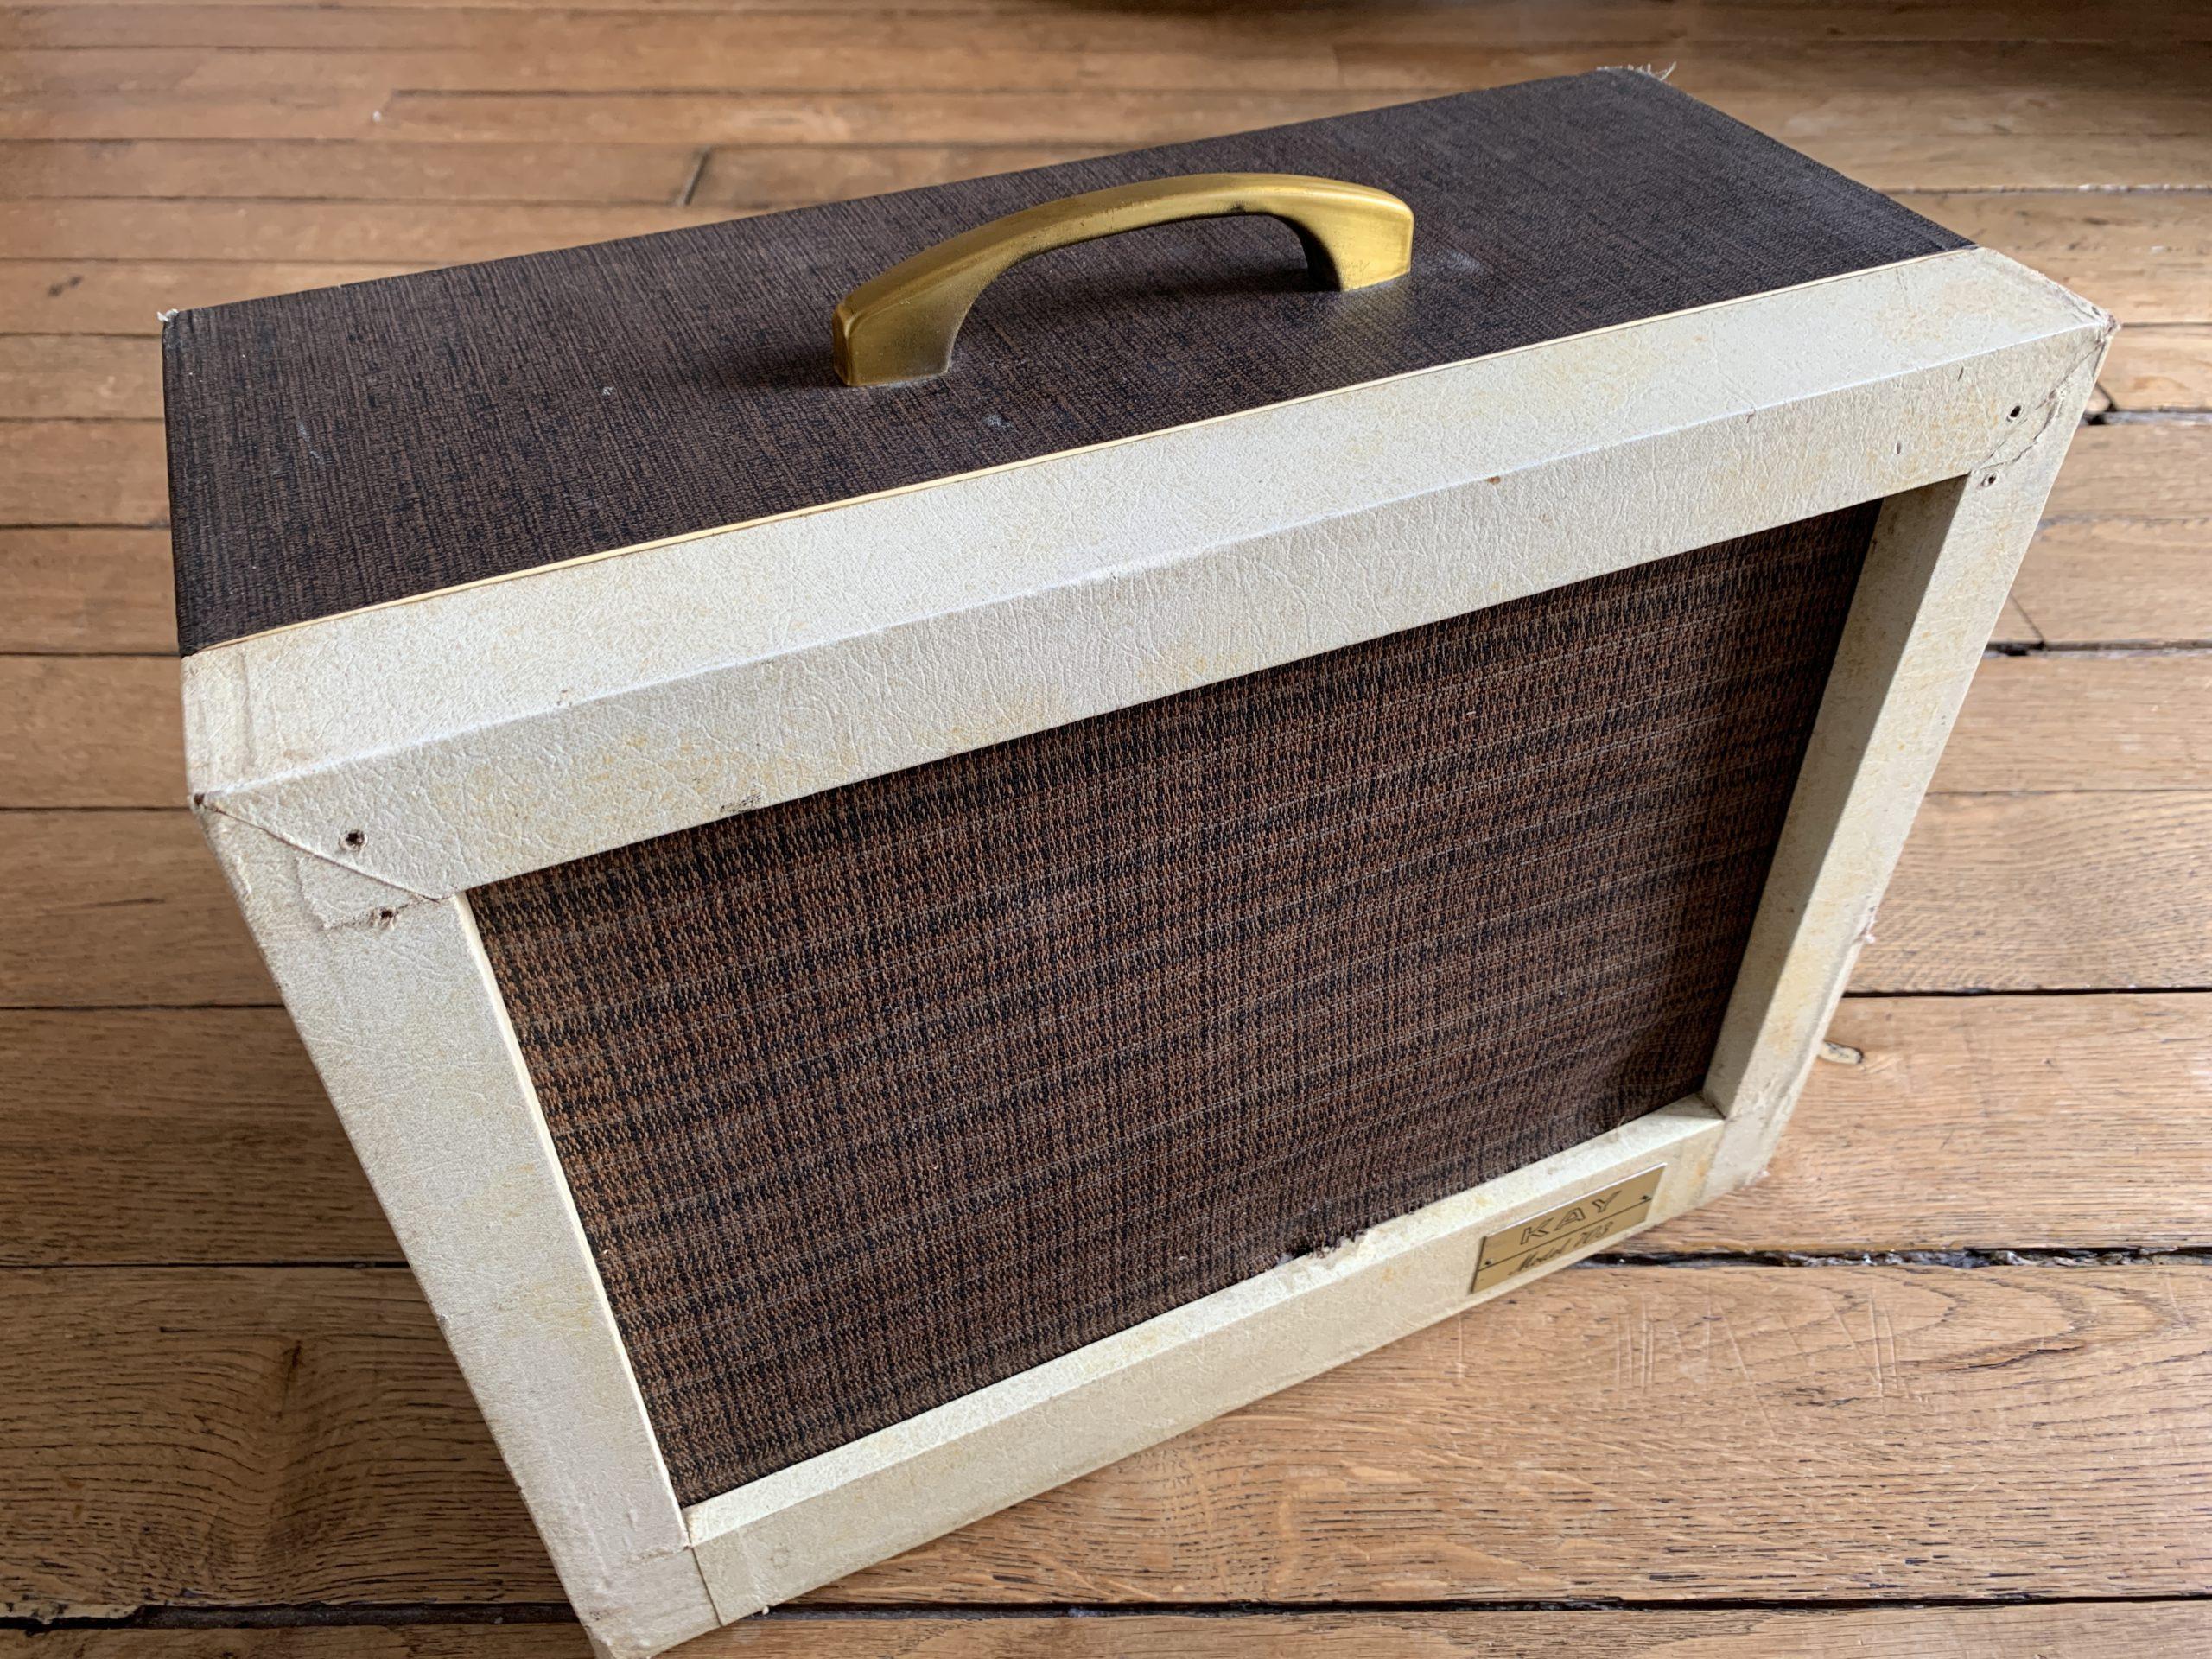 Ampli Kay 703 de 1962 : un nouvel ampli à lampes Vintage au showroom !